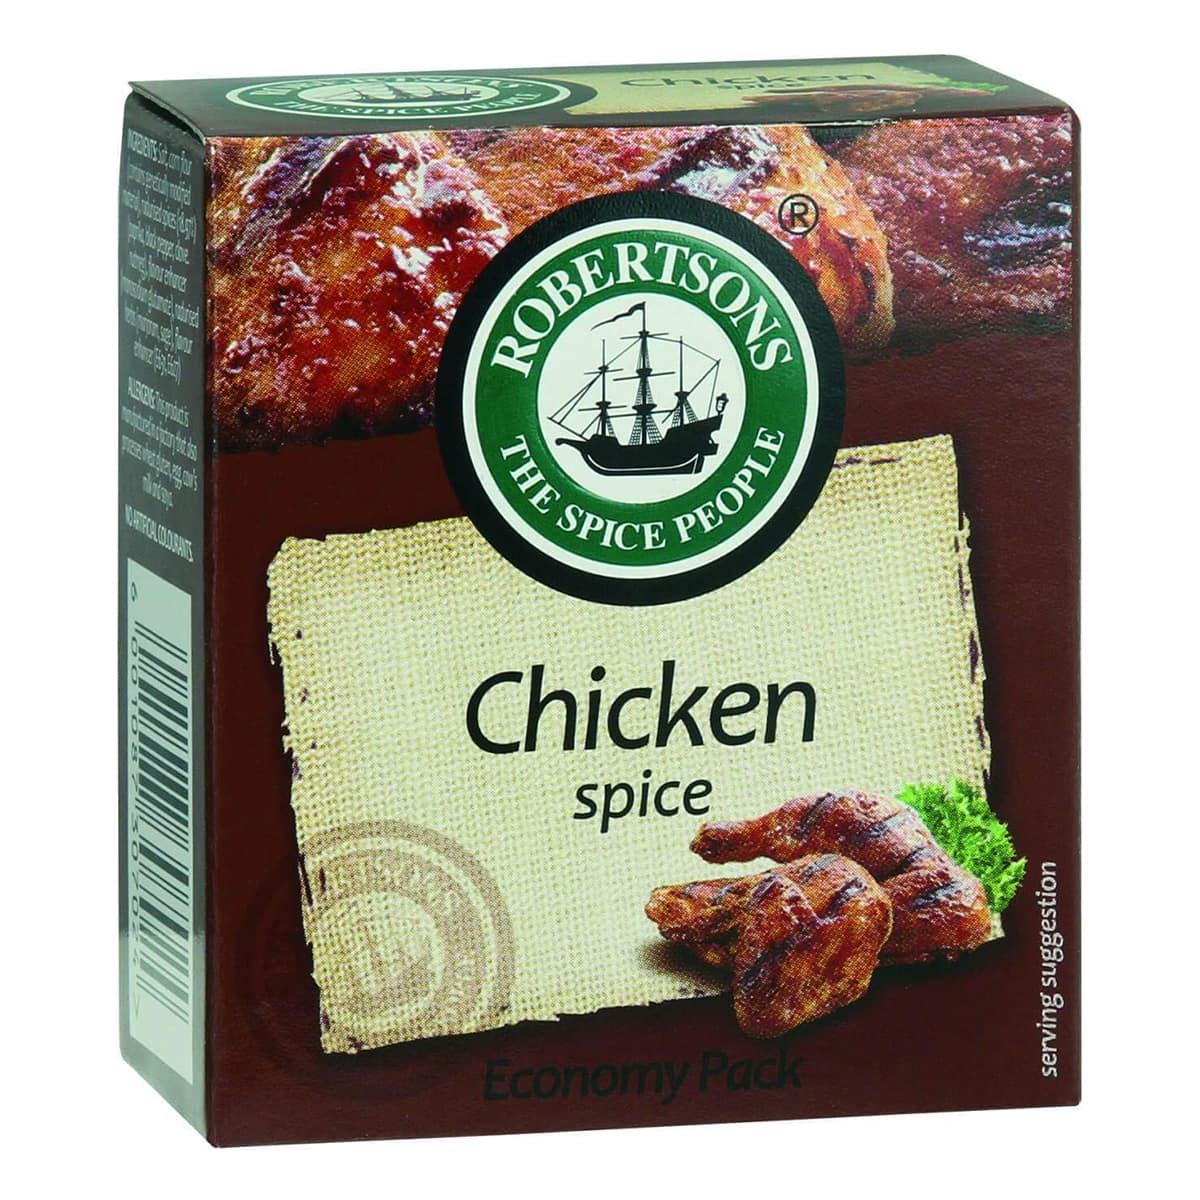 Buy Robertsons Chicken Spice - 84 gm